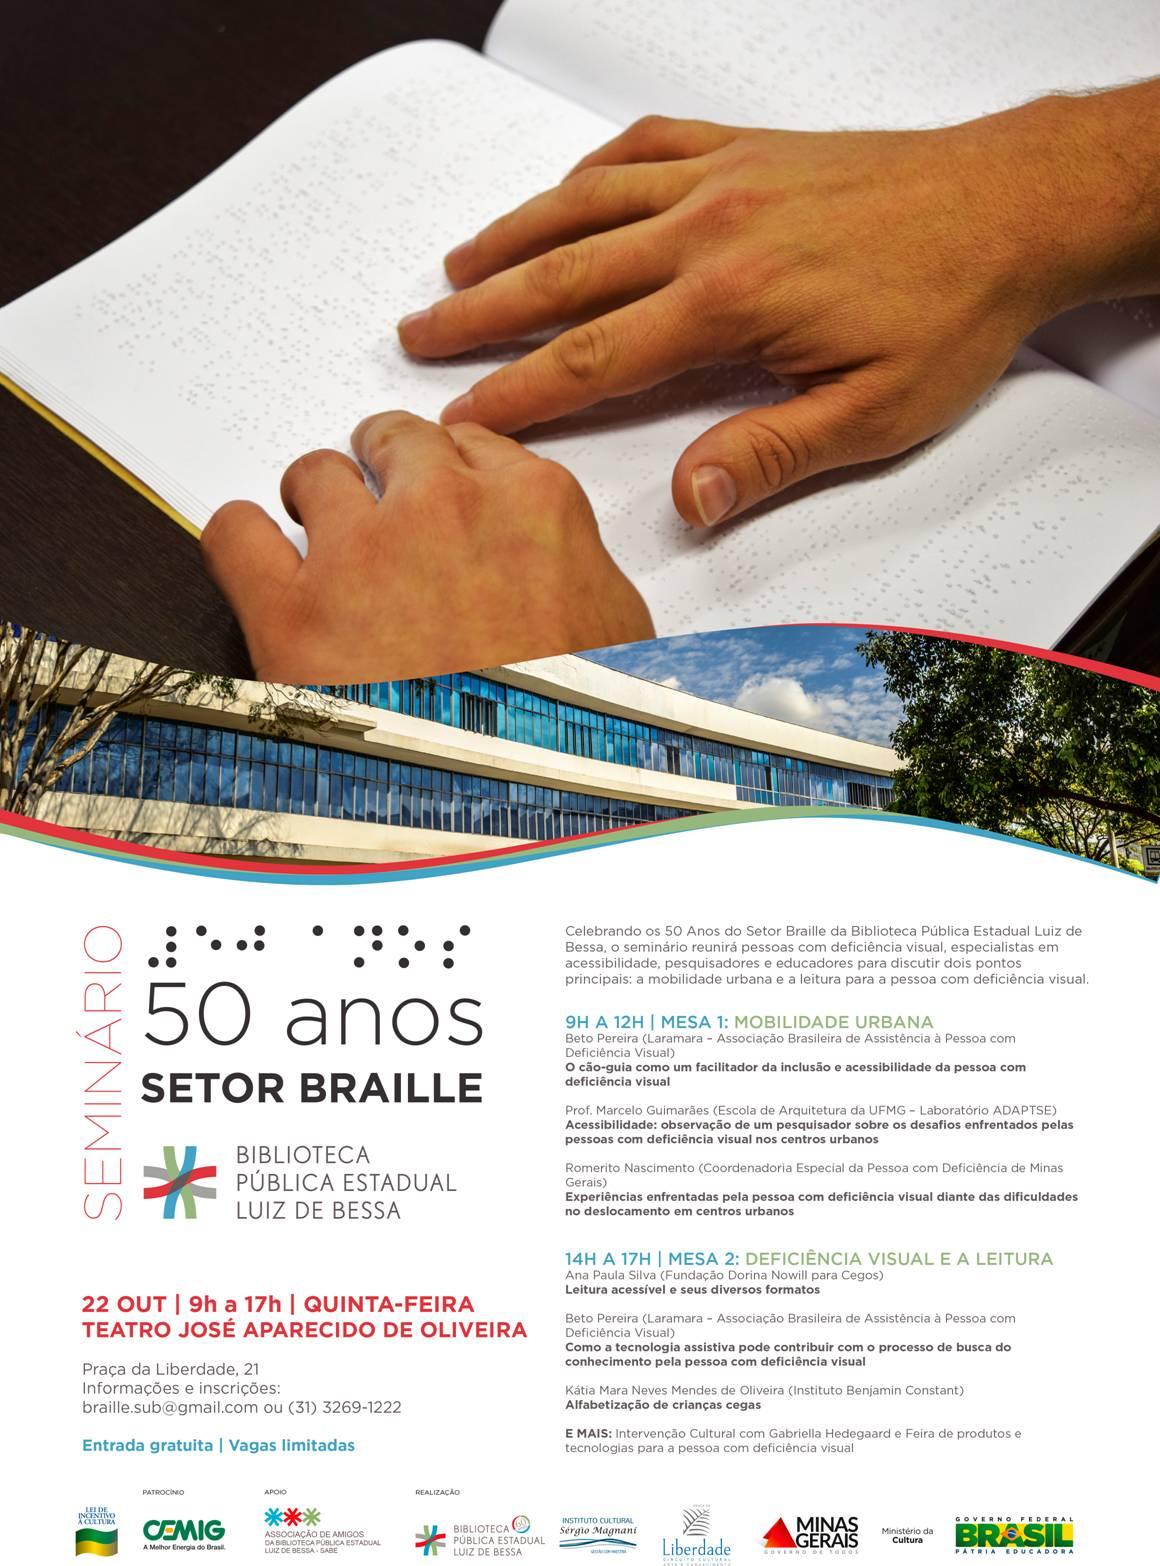 Seminário 50 Anos do Setor Braille